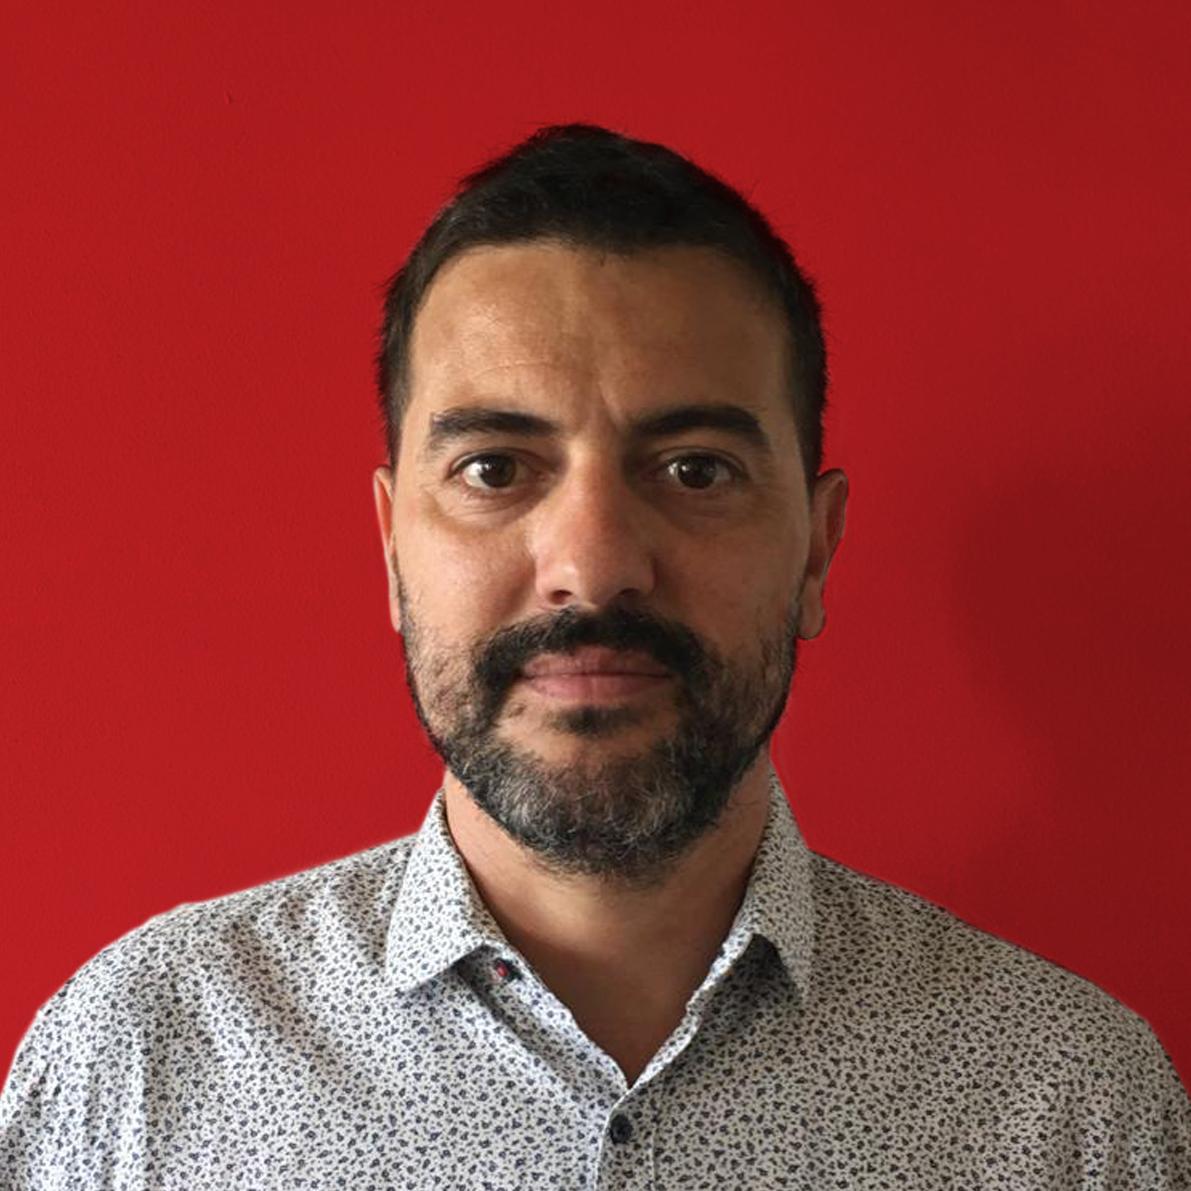 Federico Jimenez